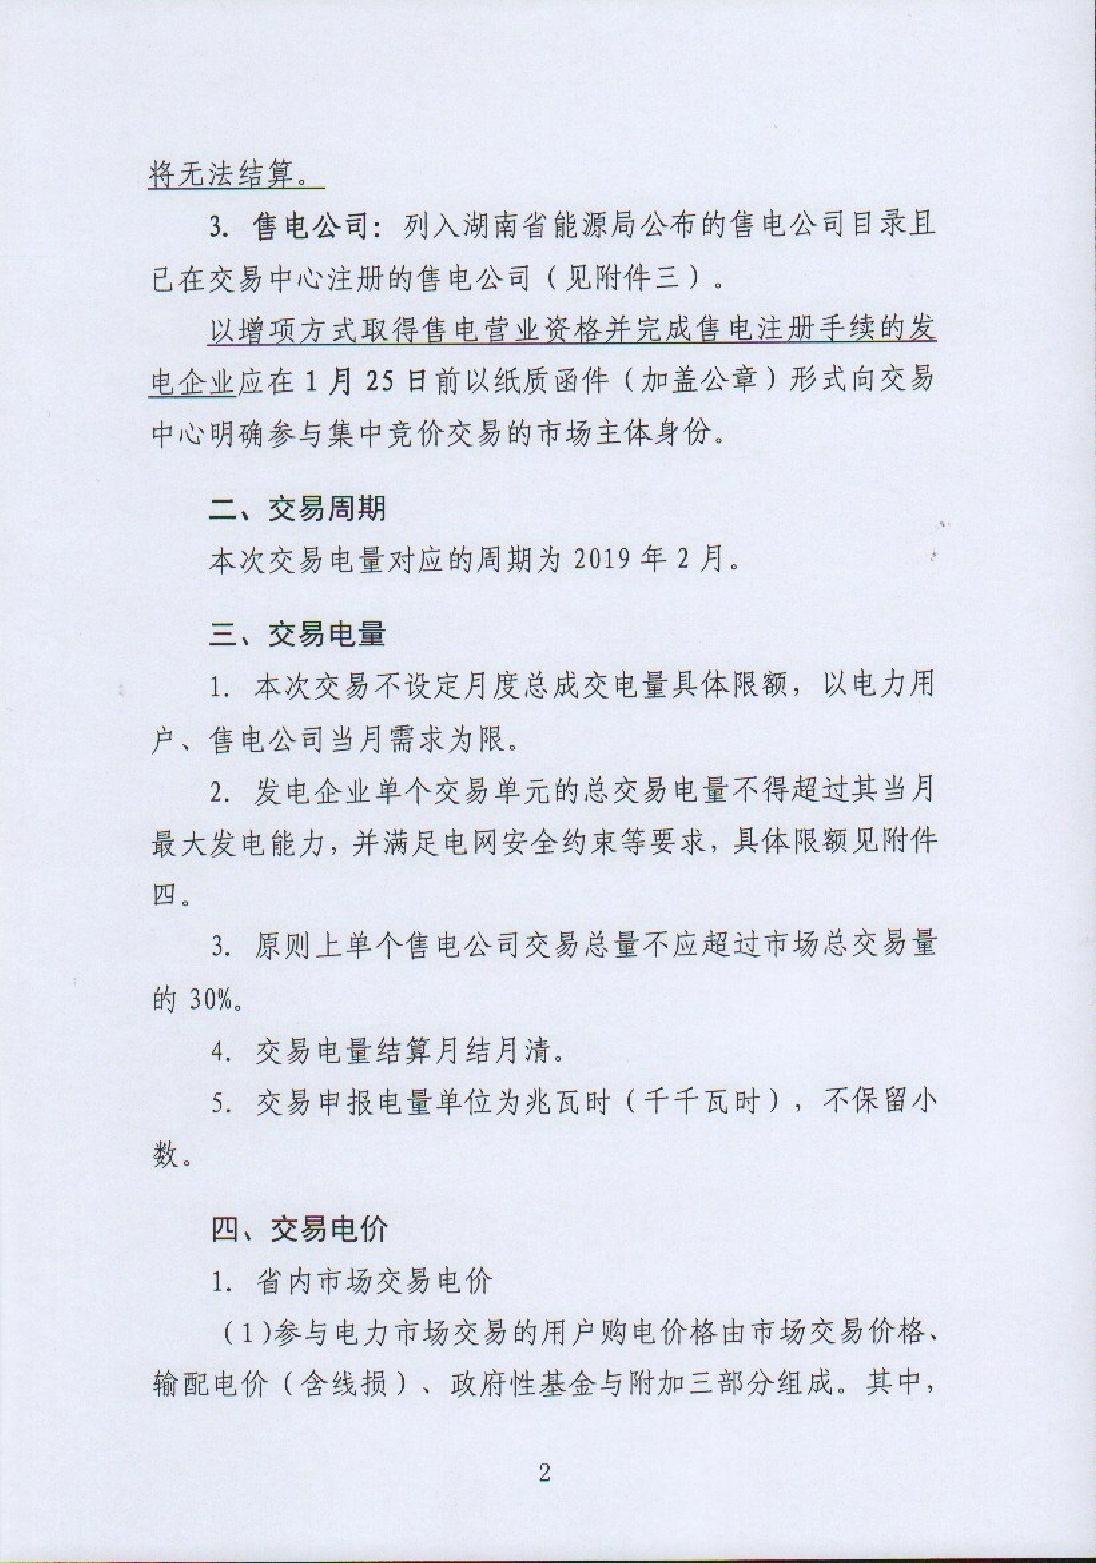 湖南電力交易中心有限公司關于2019年2月電力市場交易的公告.pdf_page_2_compressed.jpg